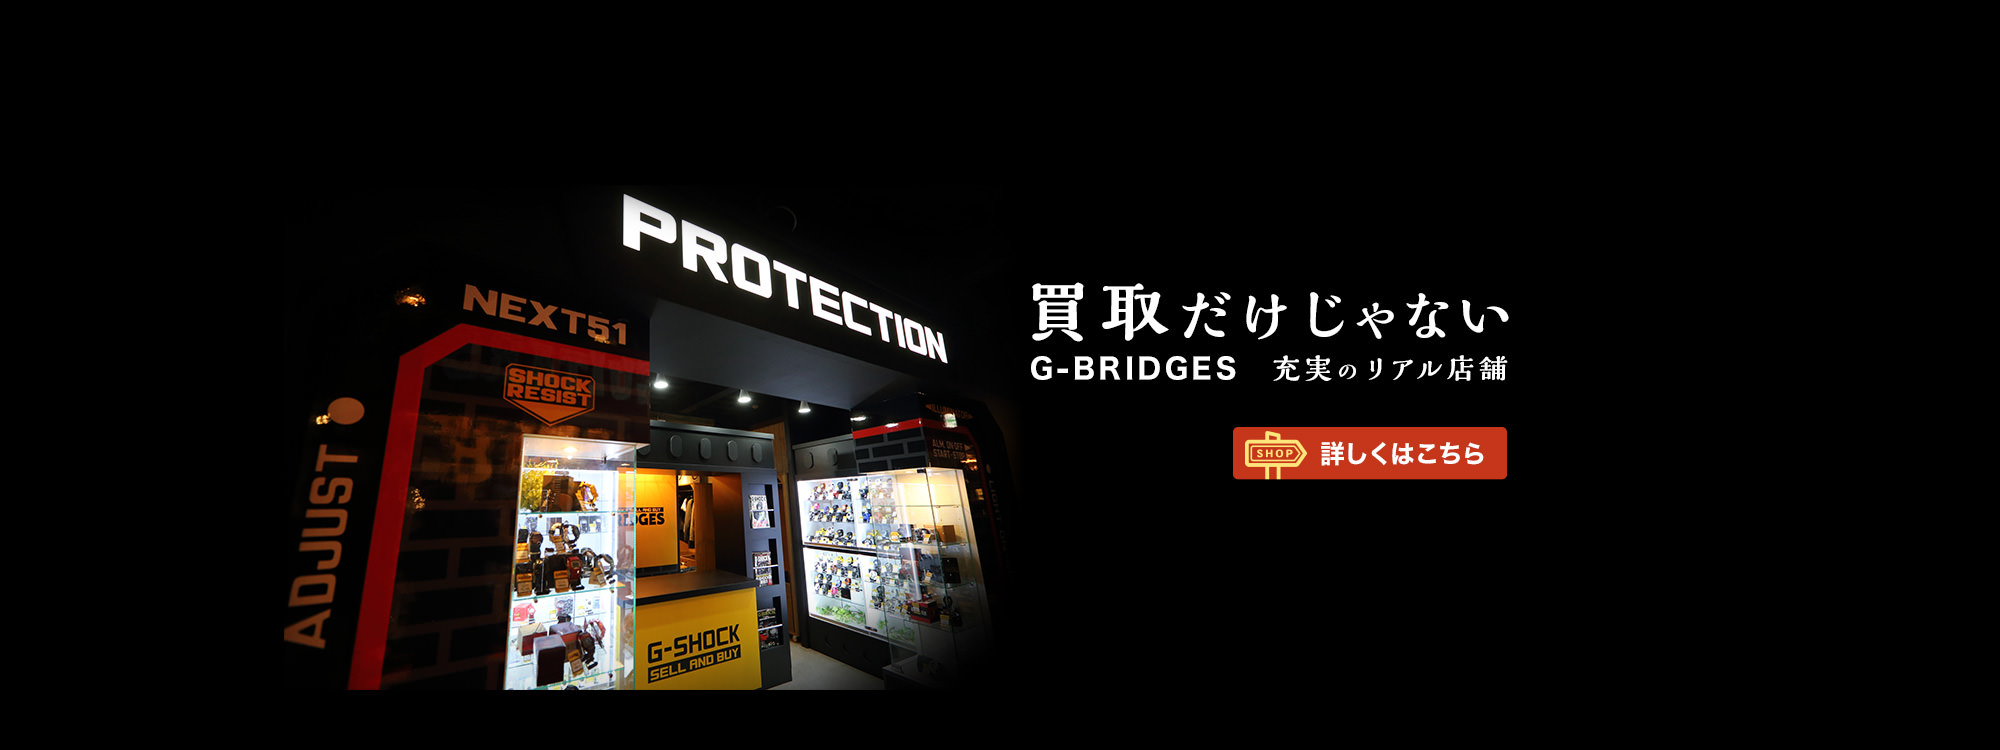 買取だけじゃない G-BRIDGES 充実のリアル店舗